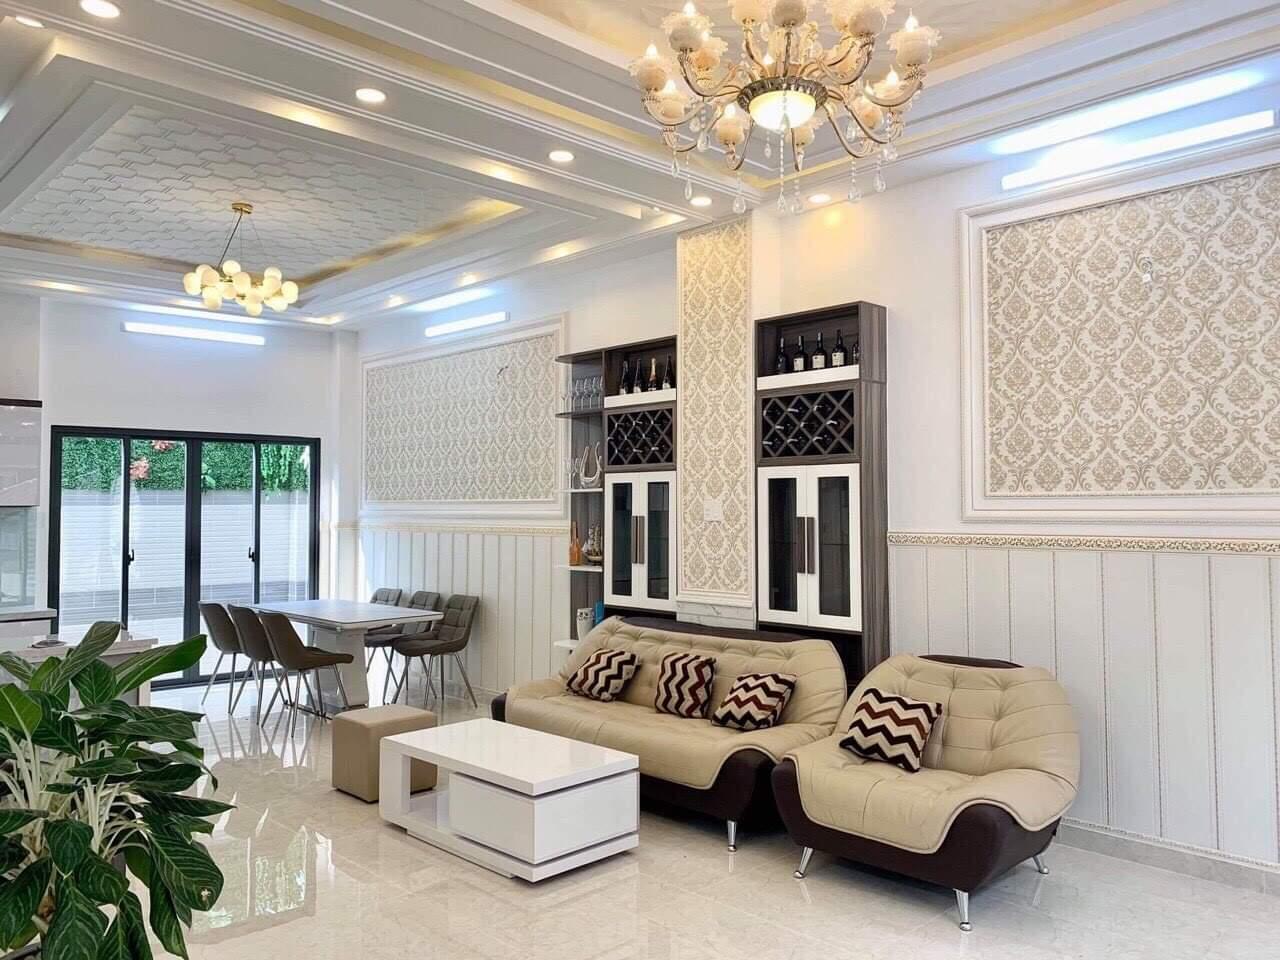 Bán nhà Nhà Bè đường Huỳnh Tấn Phát, DT 6x14m, 1 trệt, 2 lầu + sân thượng